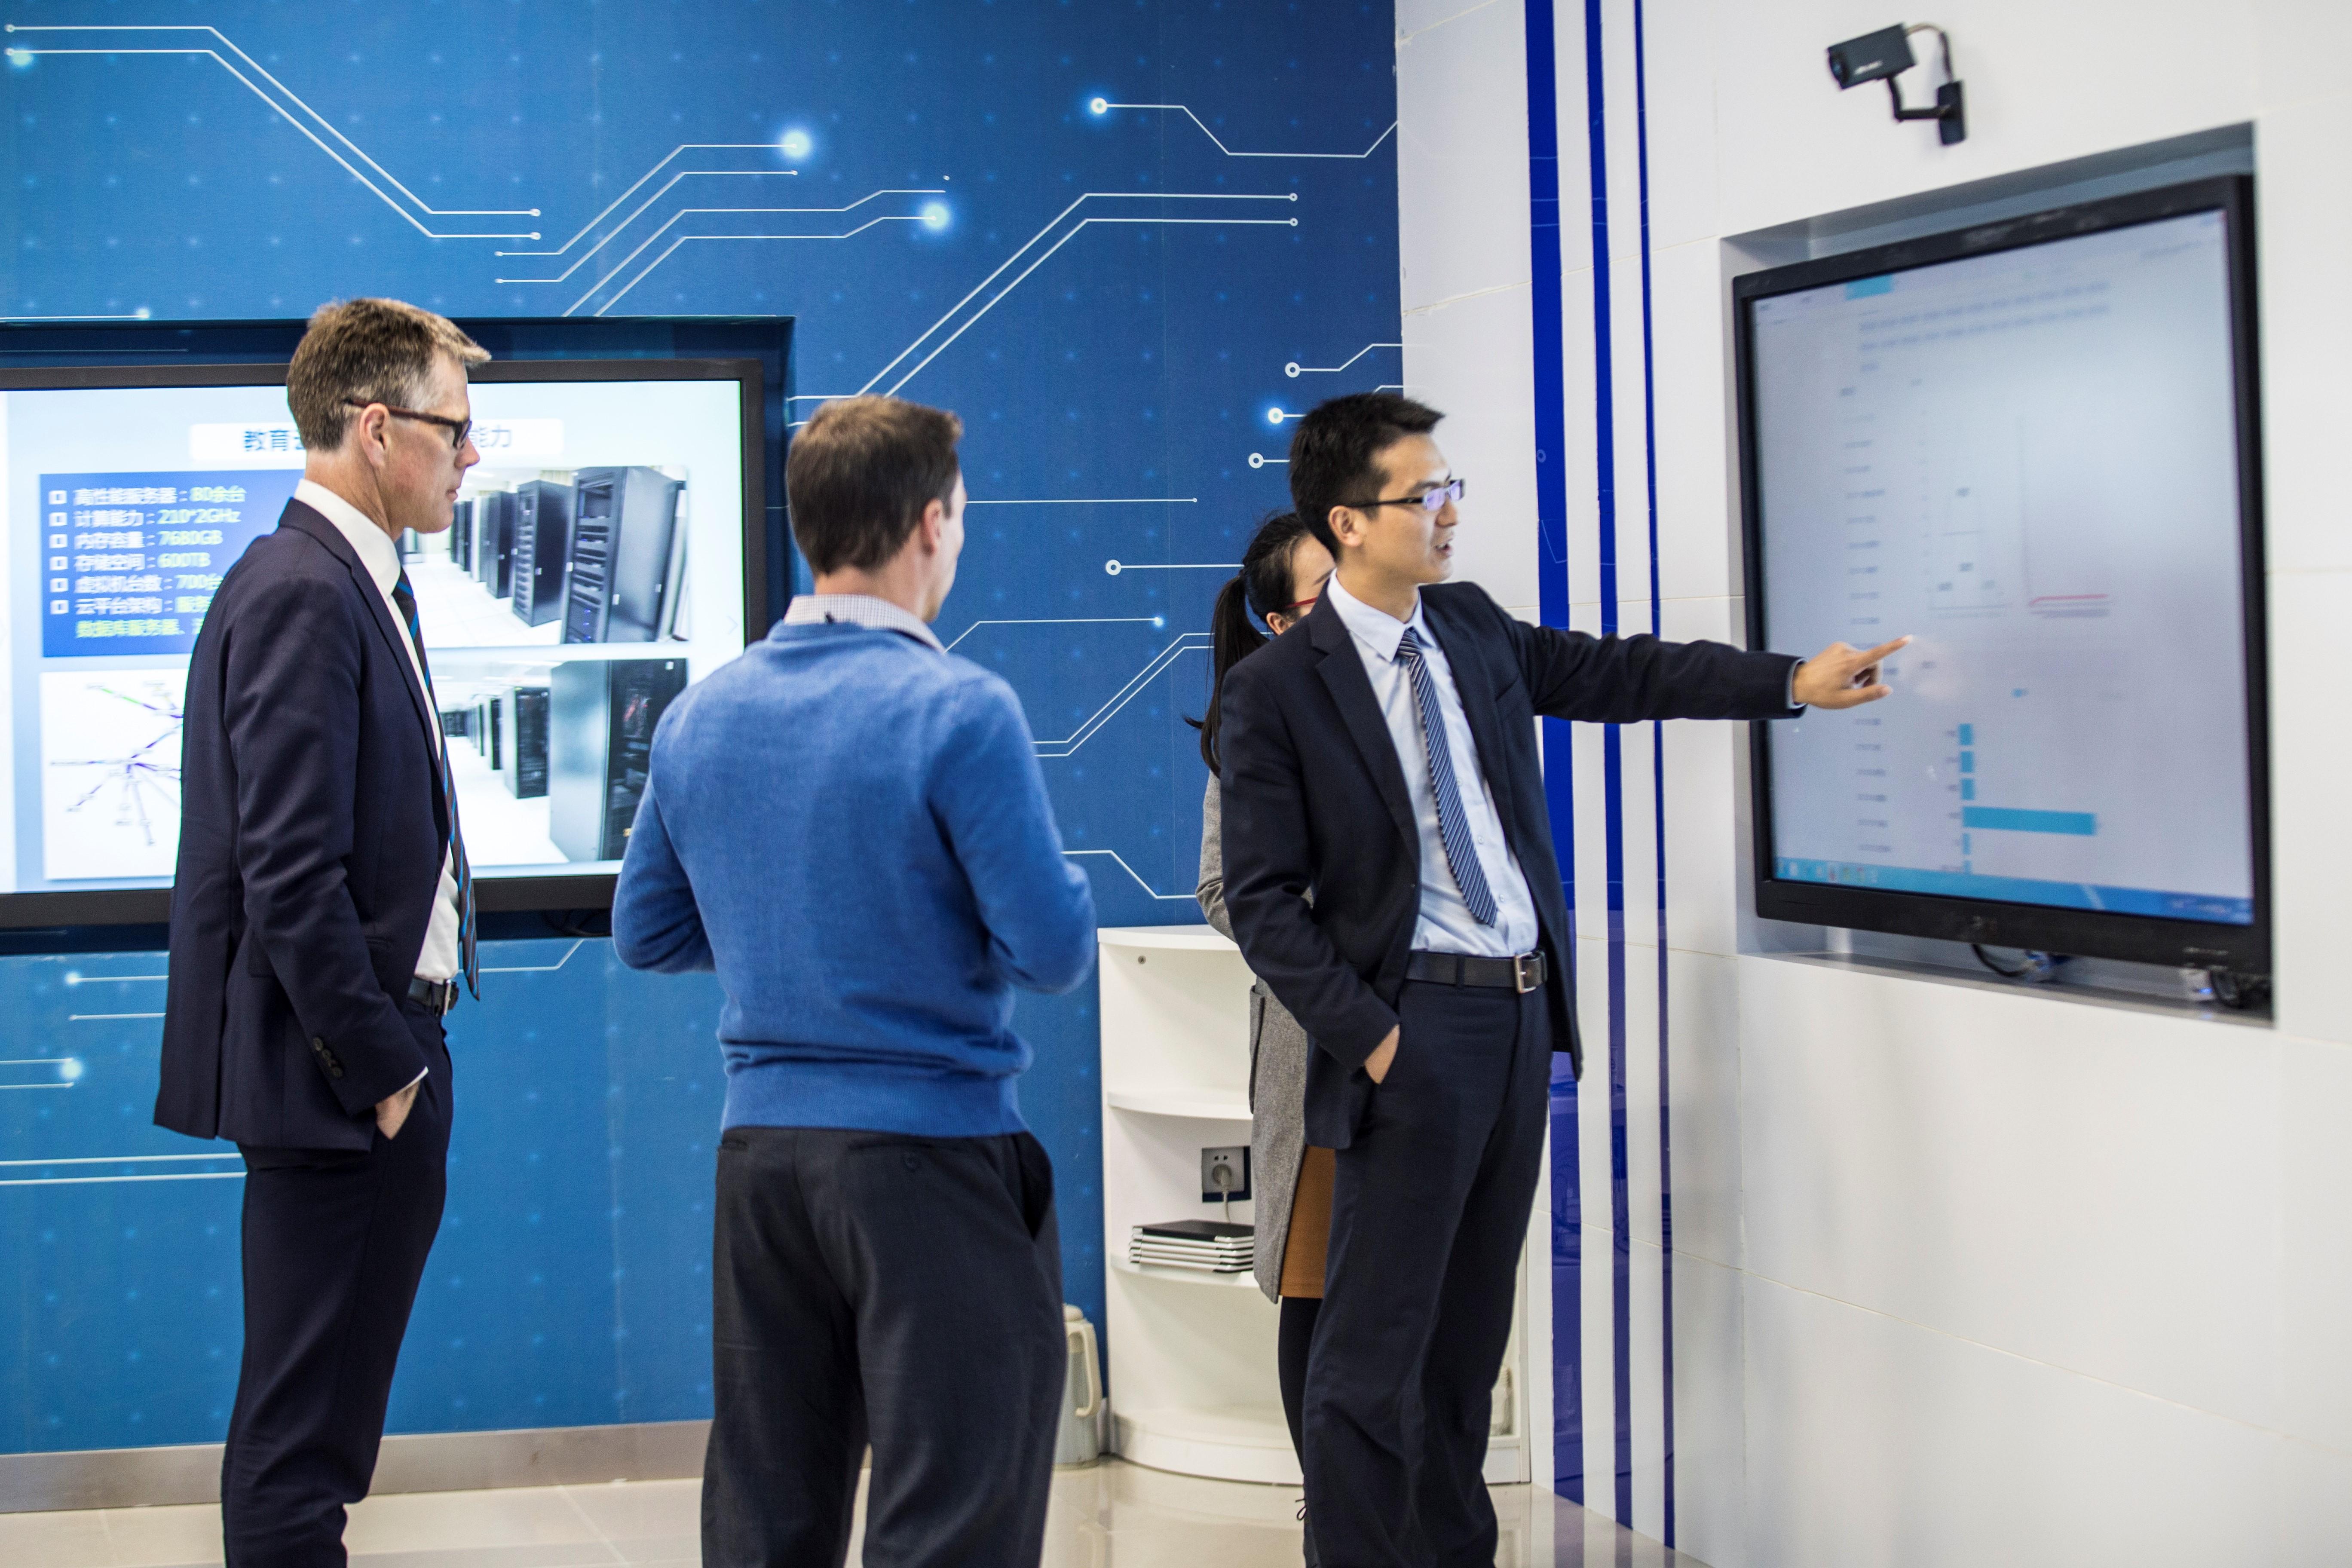 大学计算机实验总结_澳大利亚伍伦贡大学代表团参观我校工程中心展厅和计算机技术专业实验